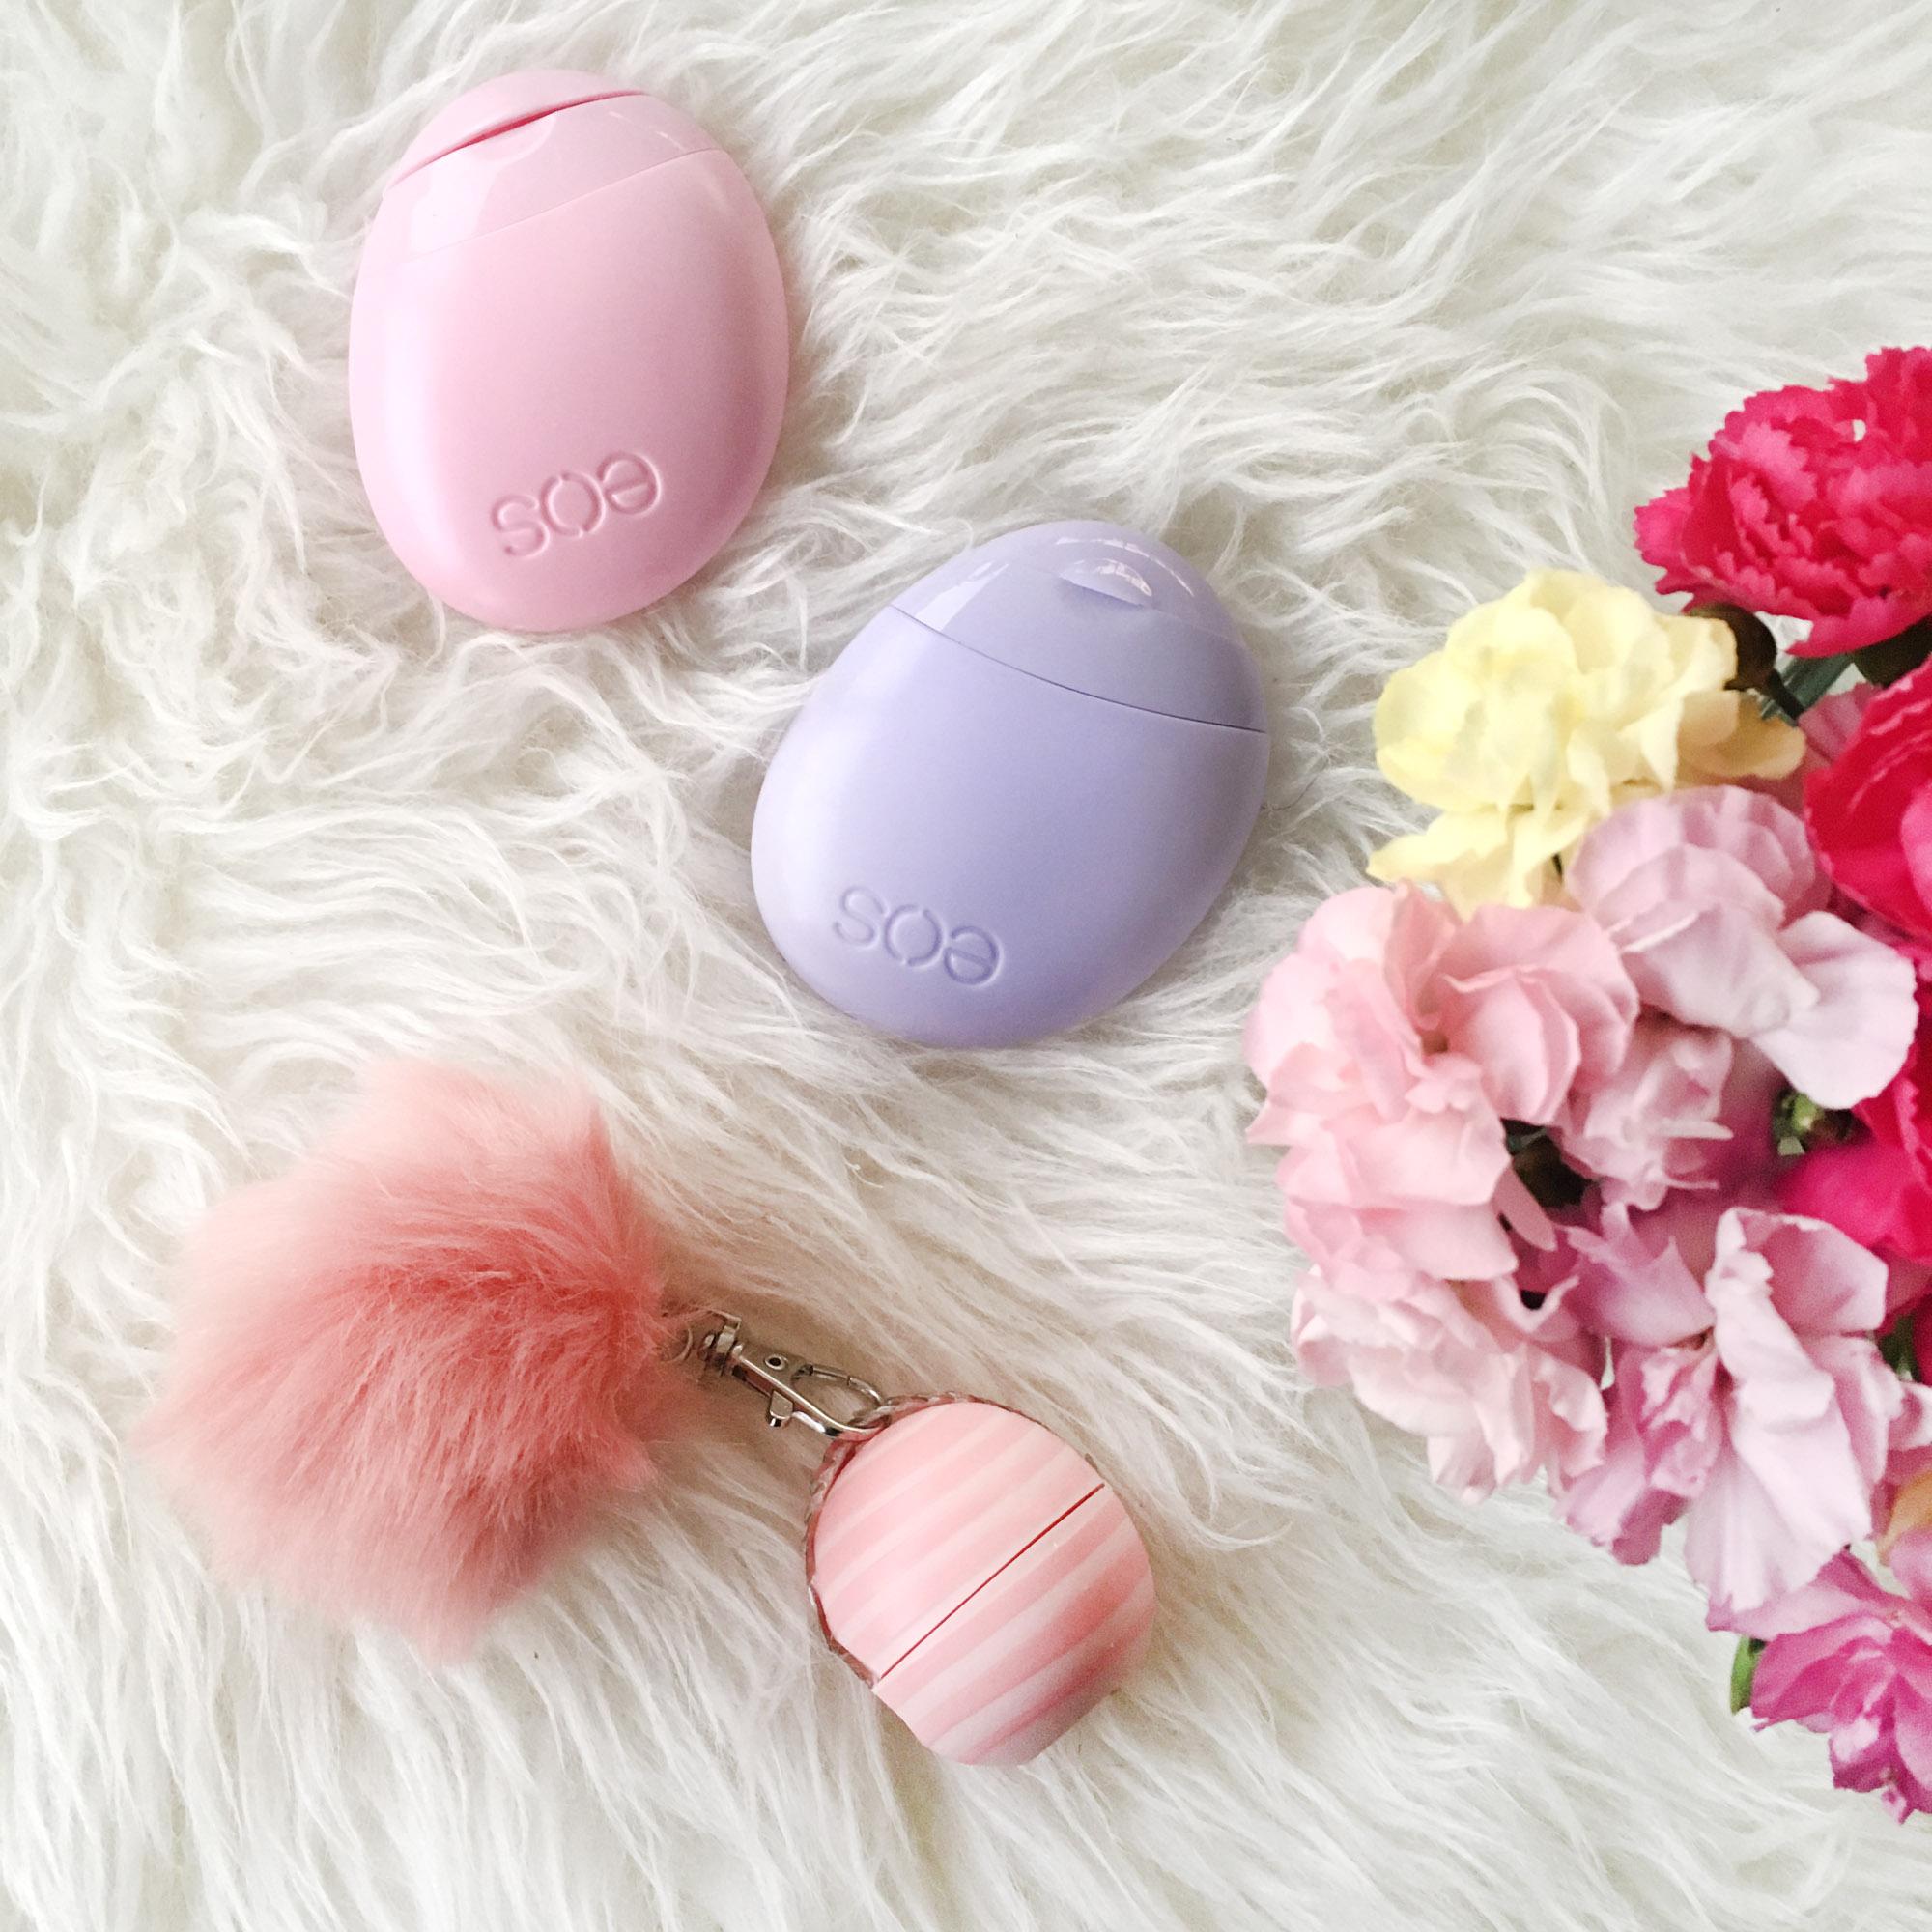 EOS Lip Balm Spring Essentials Flatlay